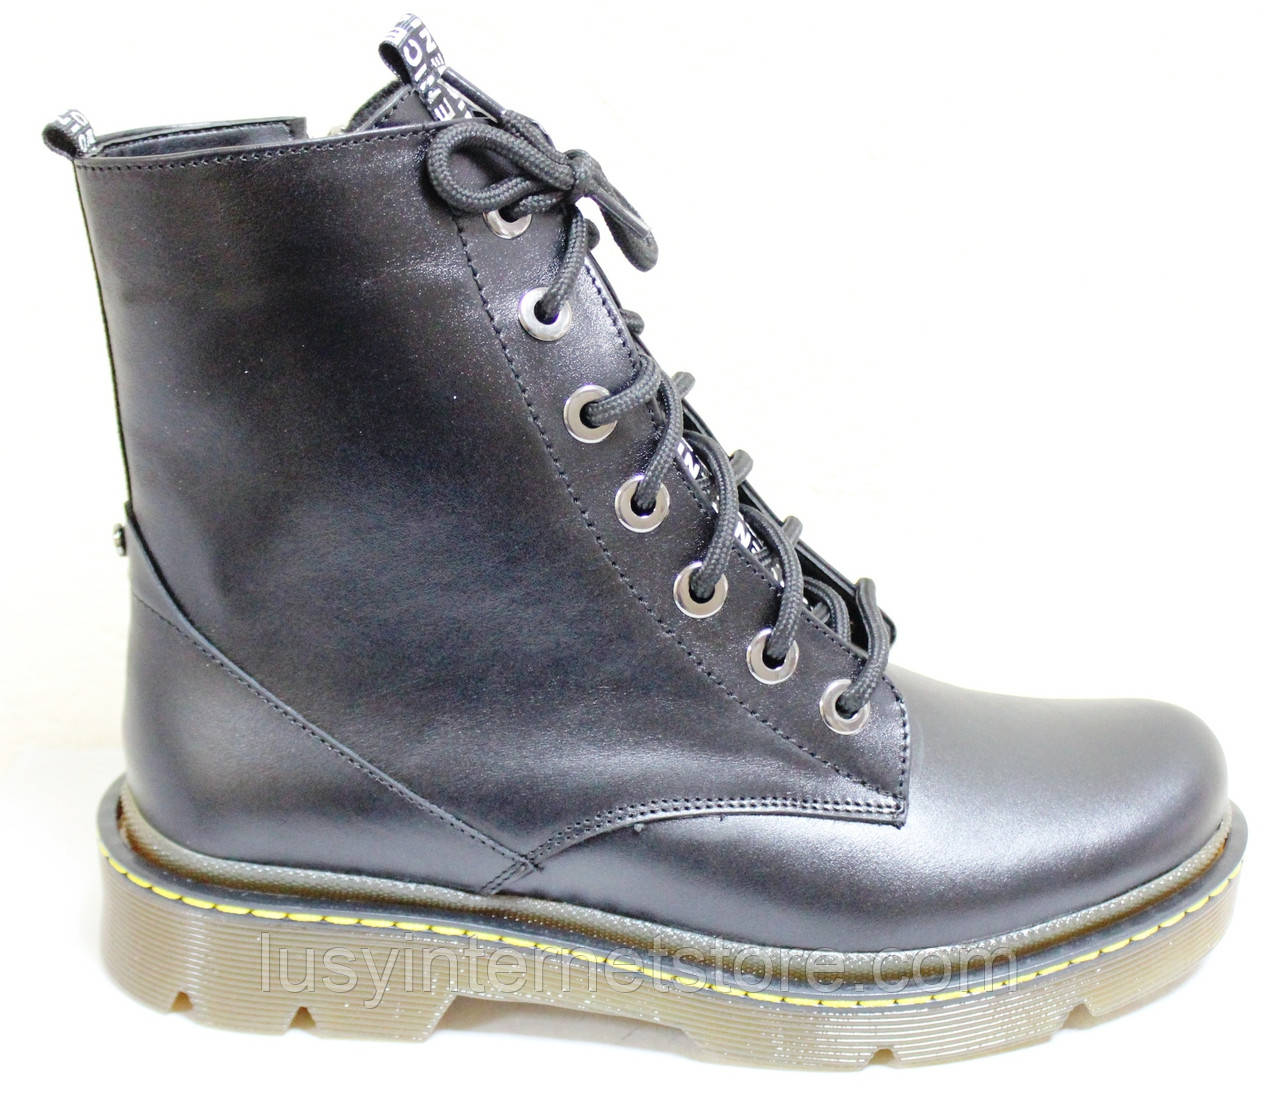 Ботинки высокие женские осенние кожаные от производителя модель БМ322-1Д